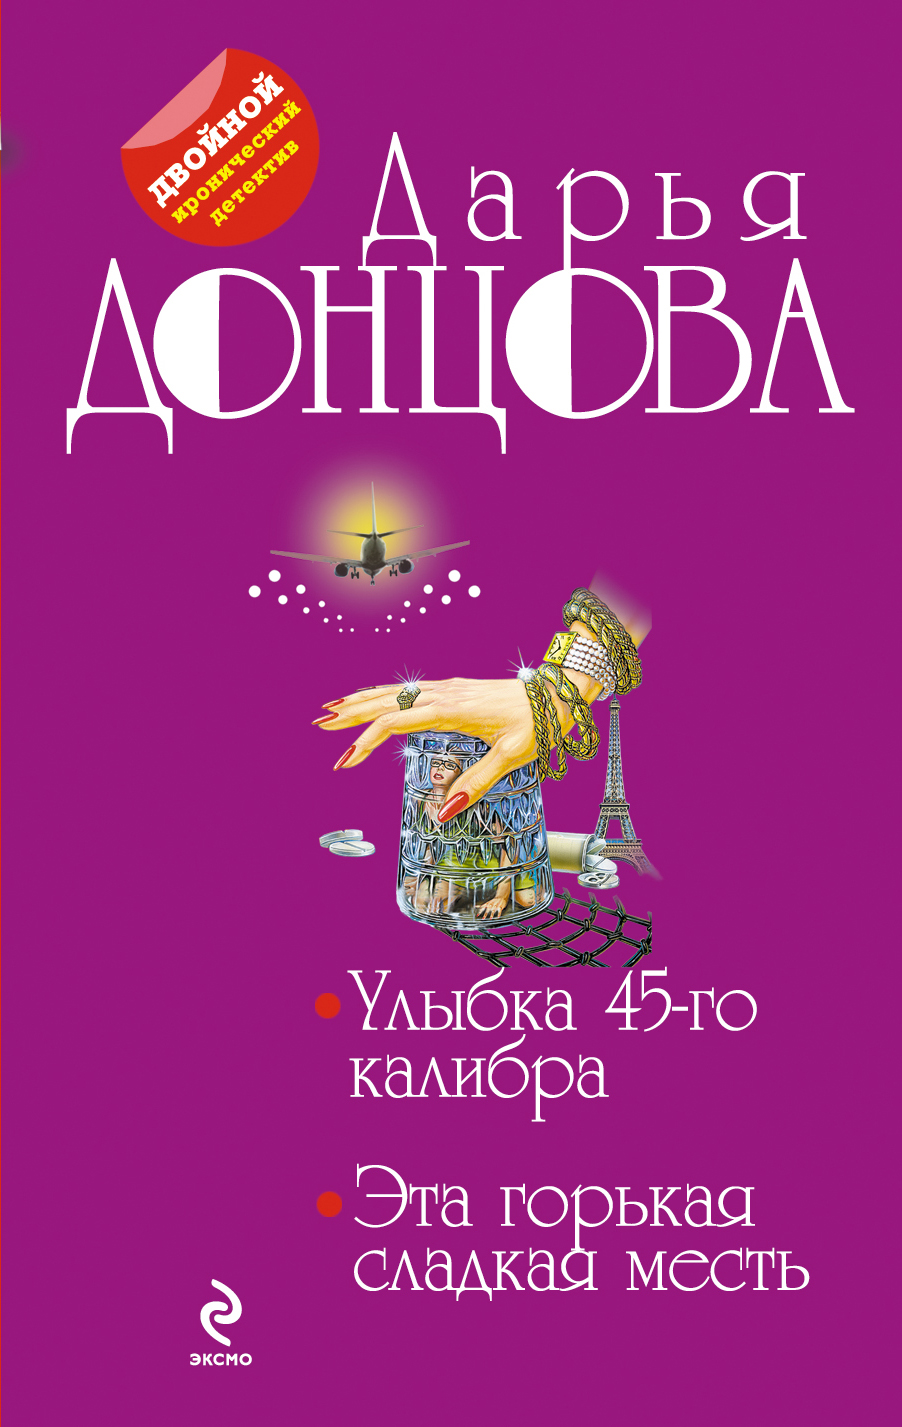 Улыбка 45-го калибра. Эта горькая сладкая месть от book24.ru